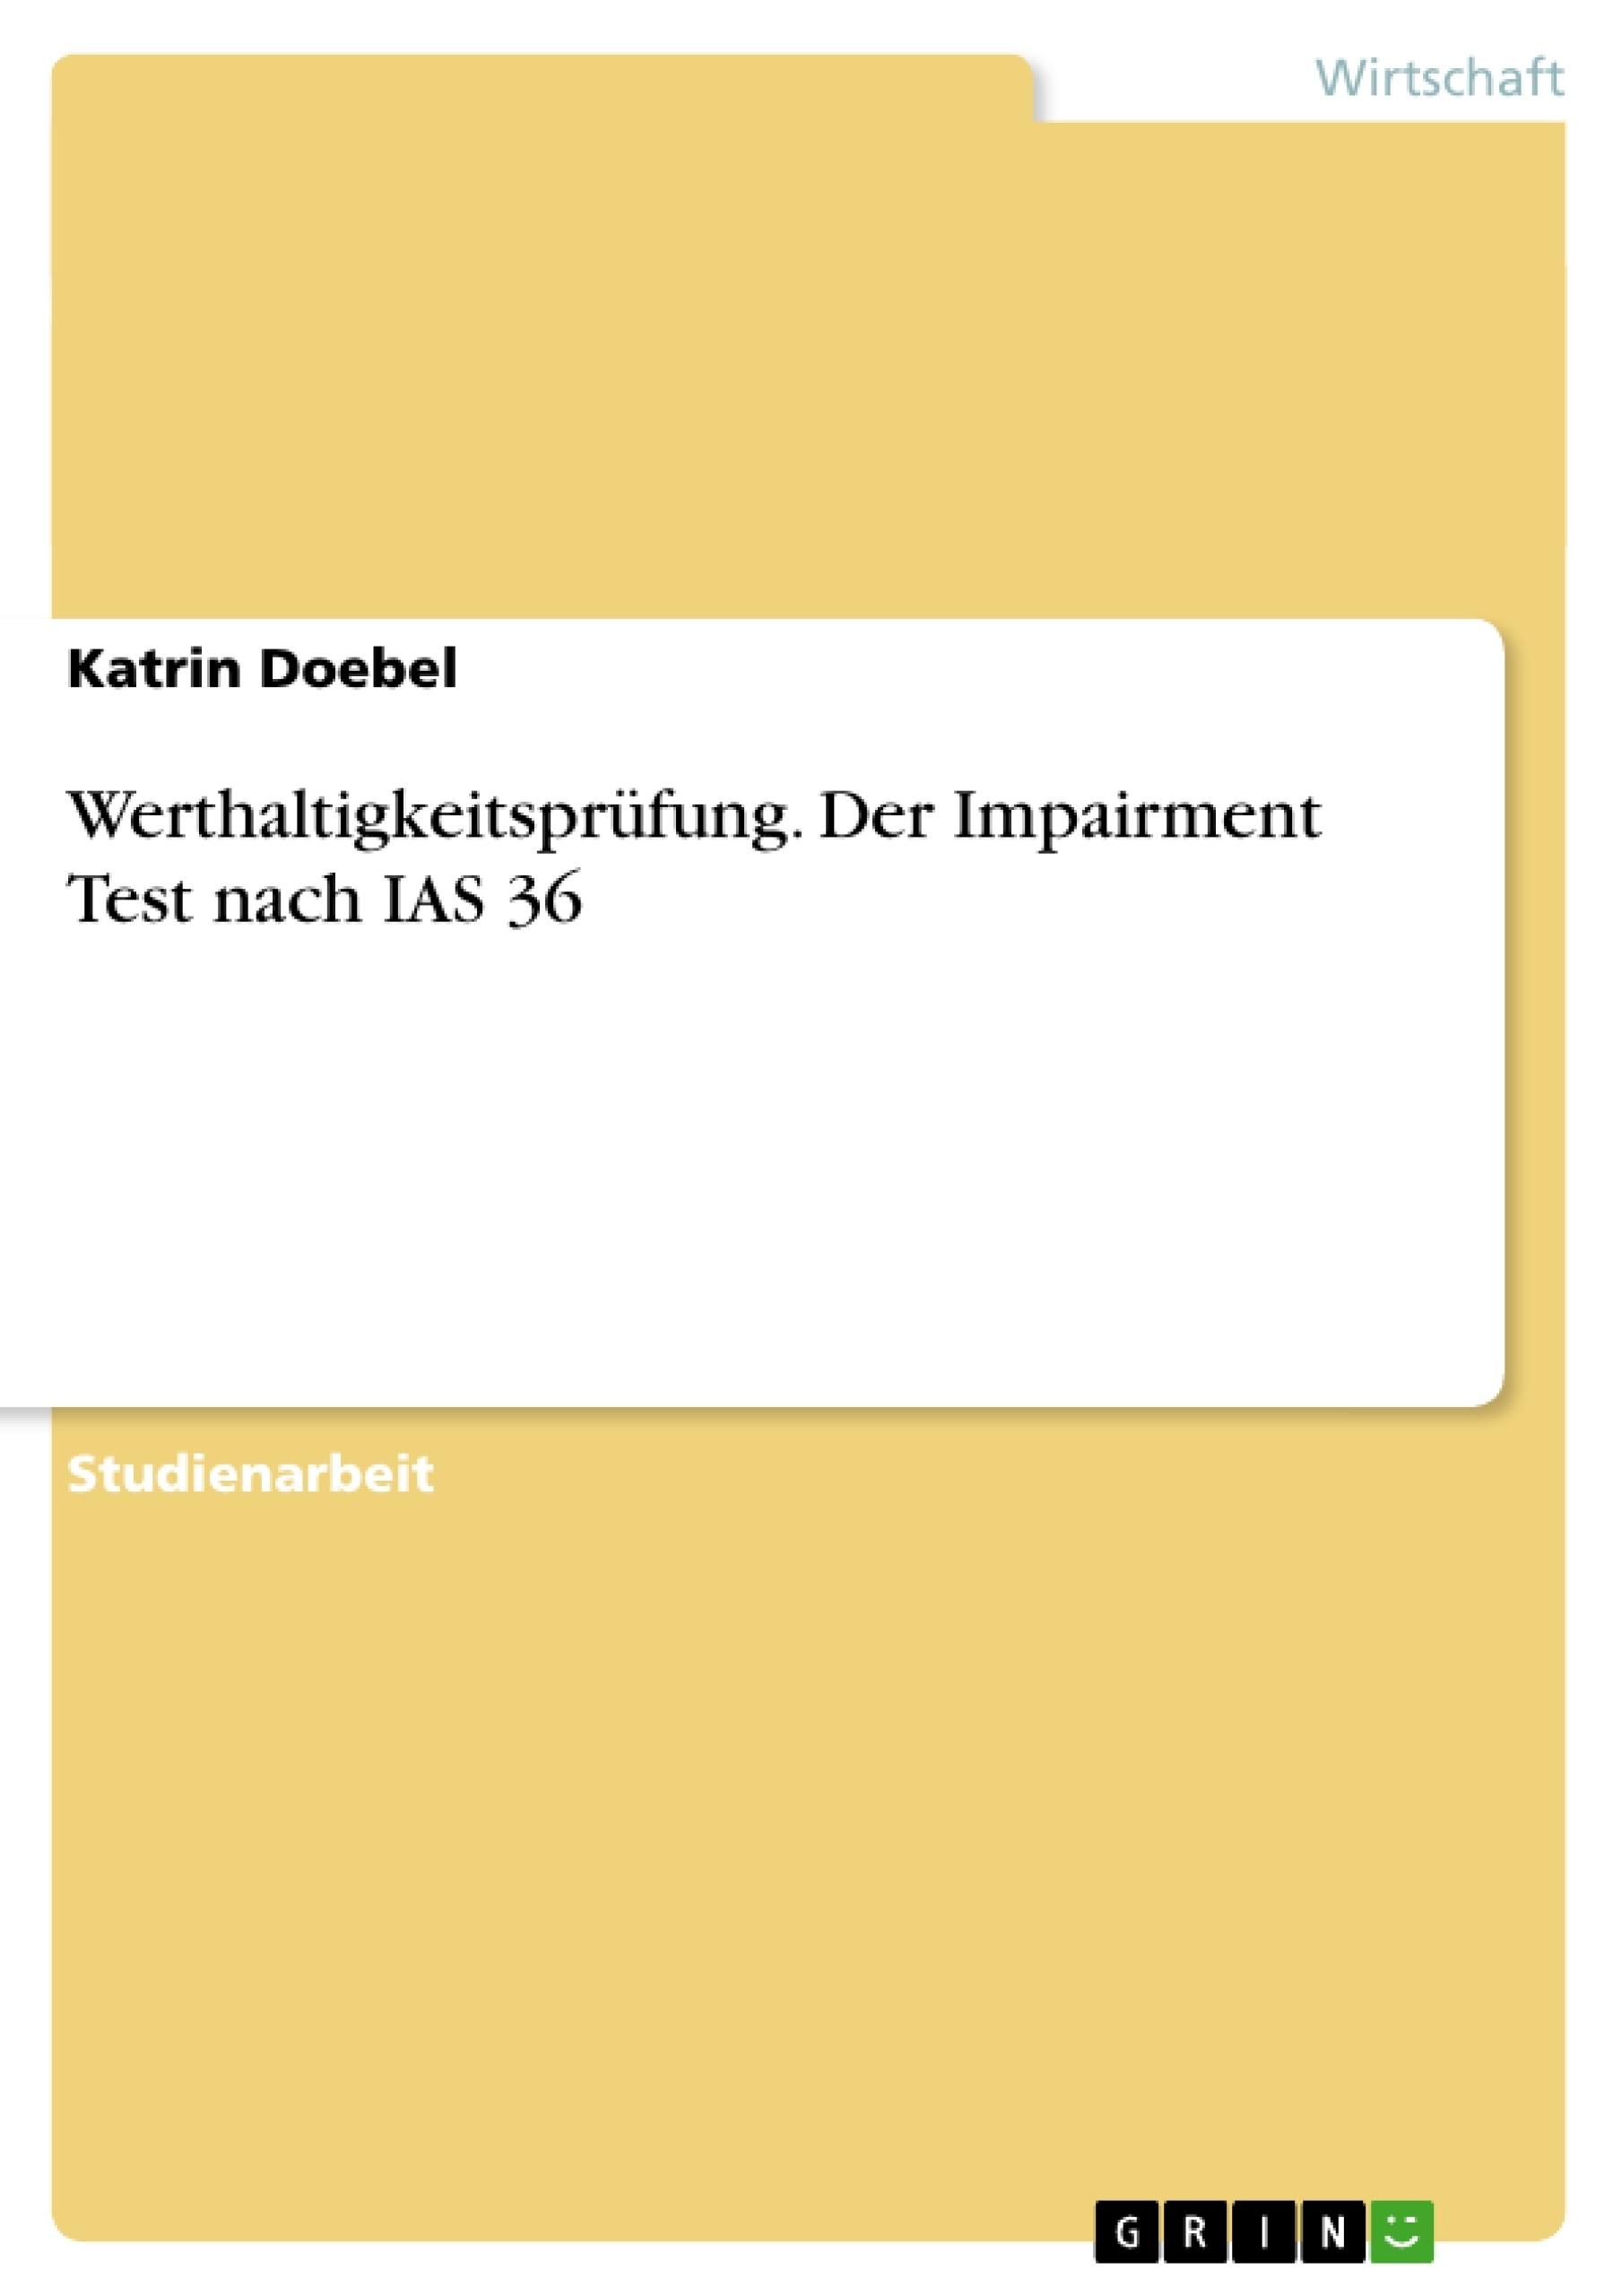 Titel: Werthaltigkeitsprüfung. Der Impairment Test nach IAS 36